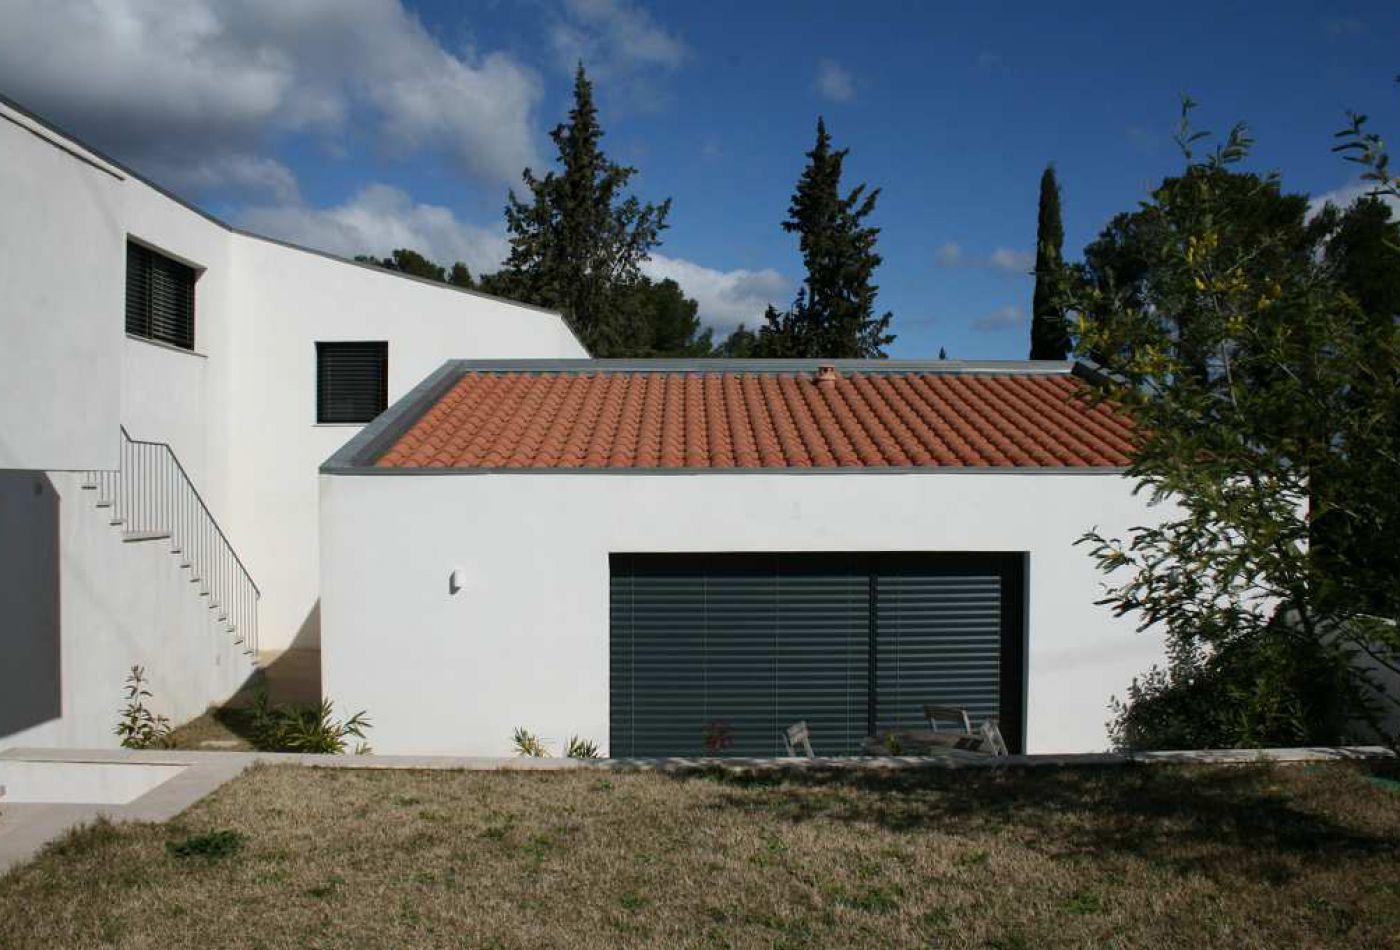 Maison moderne sans toit finest maison toit plat noyer for Maison moderne sans toit